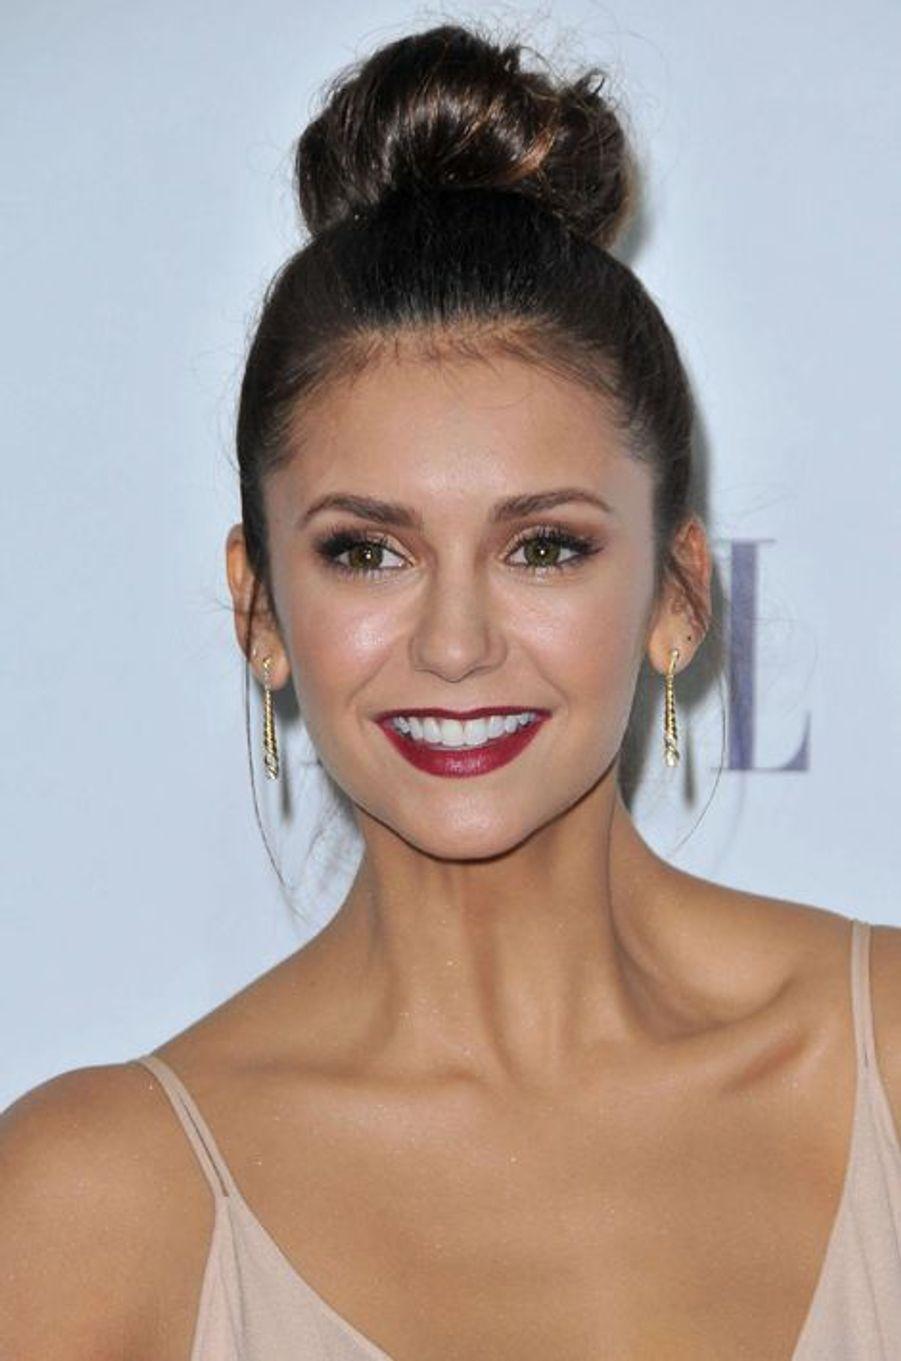 Le 19 octobre dernier, l'actrice Nina Dobrev a opté pour un chignon haut plus décontracté.